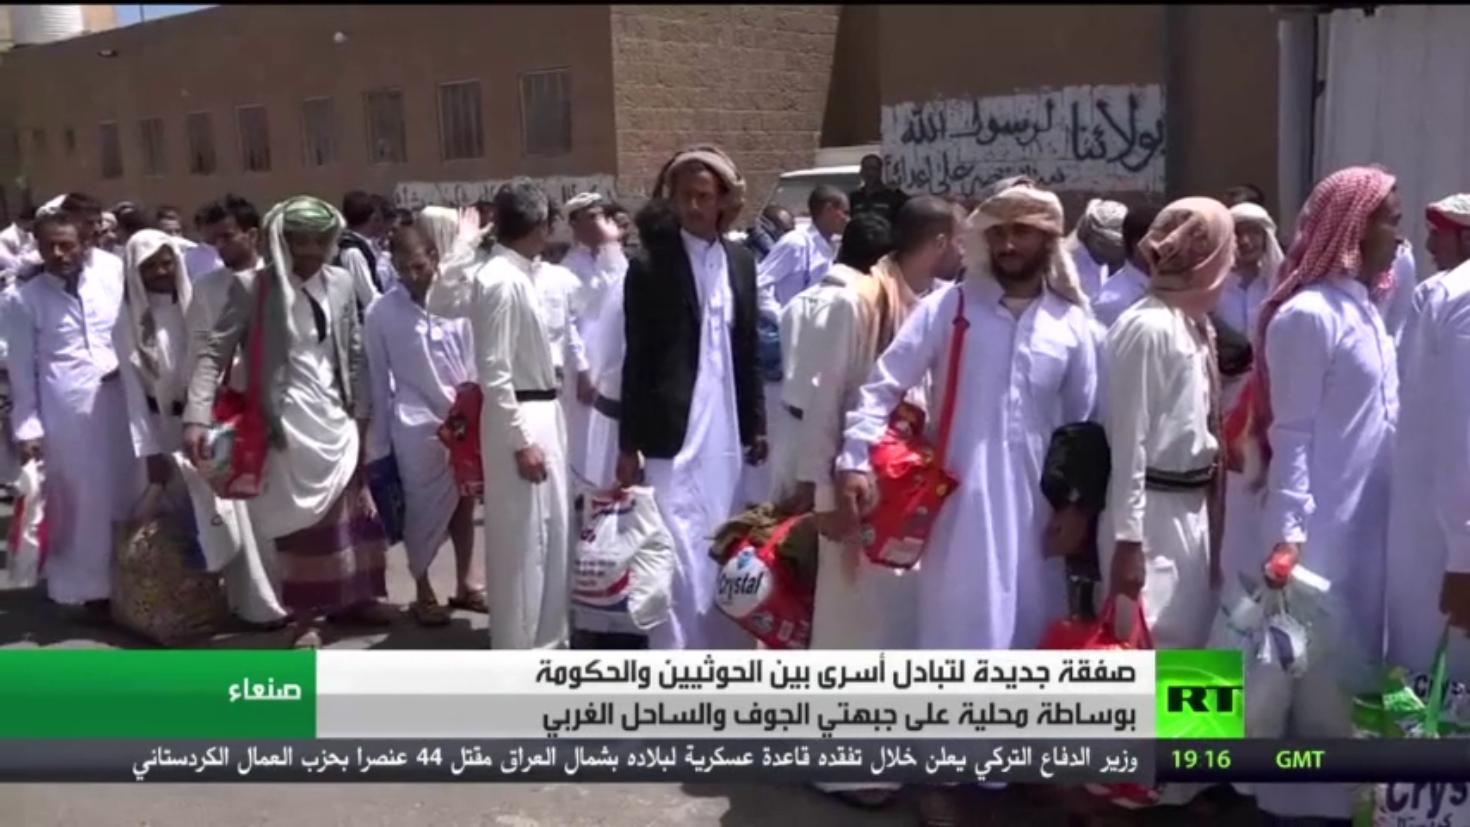 صفقة جديدة لتبادل أسرى بين الحوثيين والحكومة